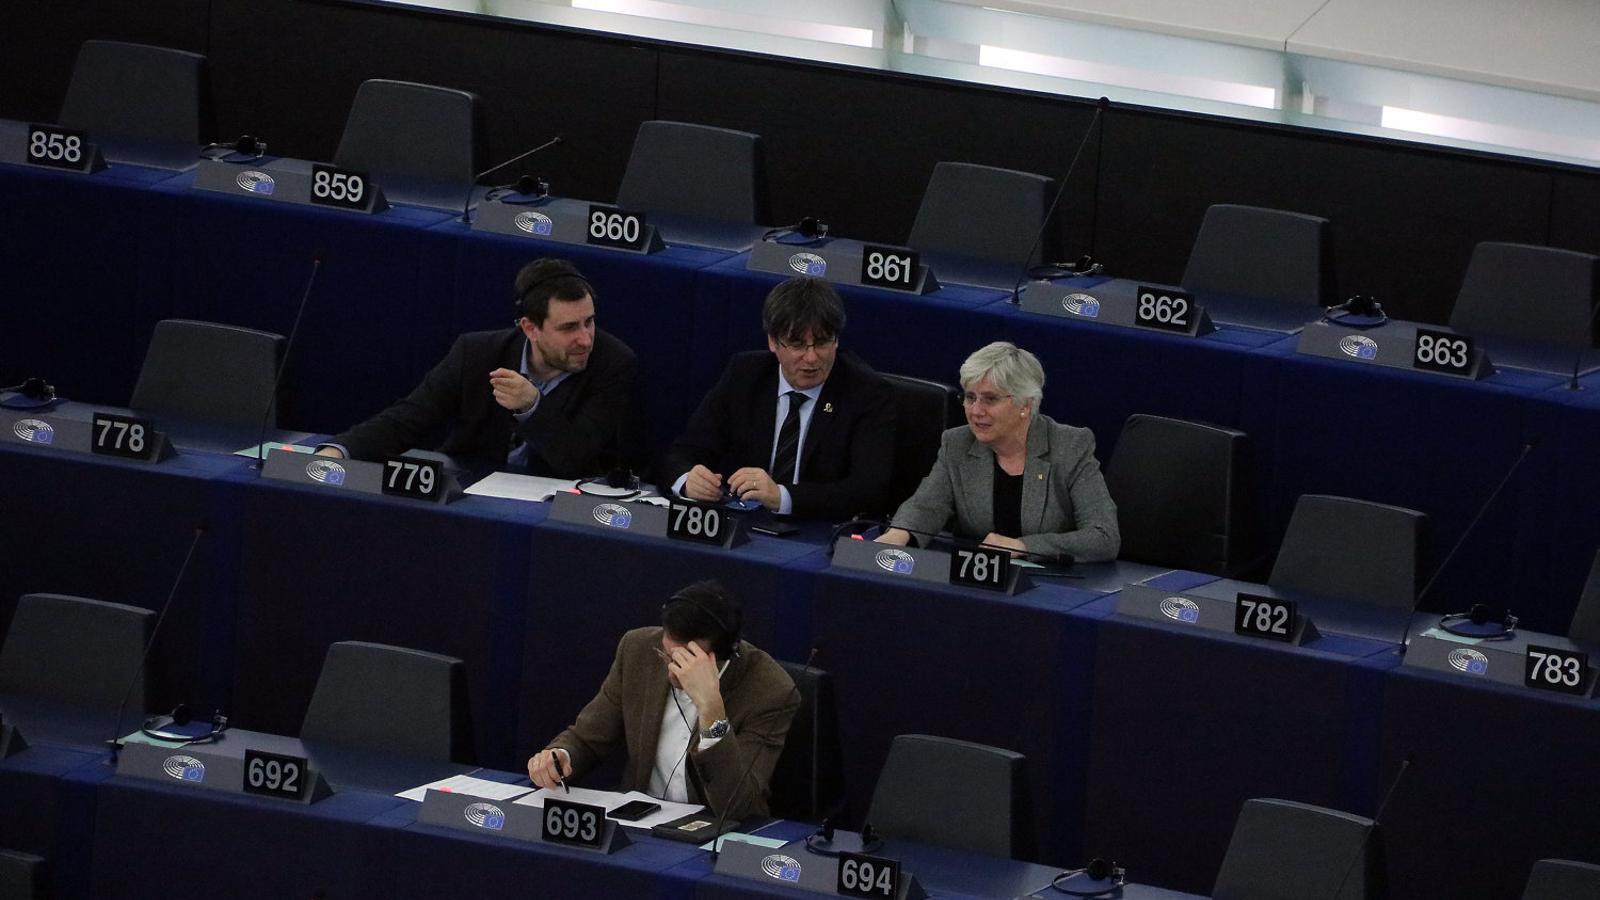 Els eurodiputats de JxCat, Carles Puigdemont, Toni Comín i Clara Ponsatí, durant una sessió plenària al Parlament Europeu.